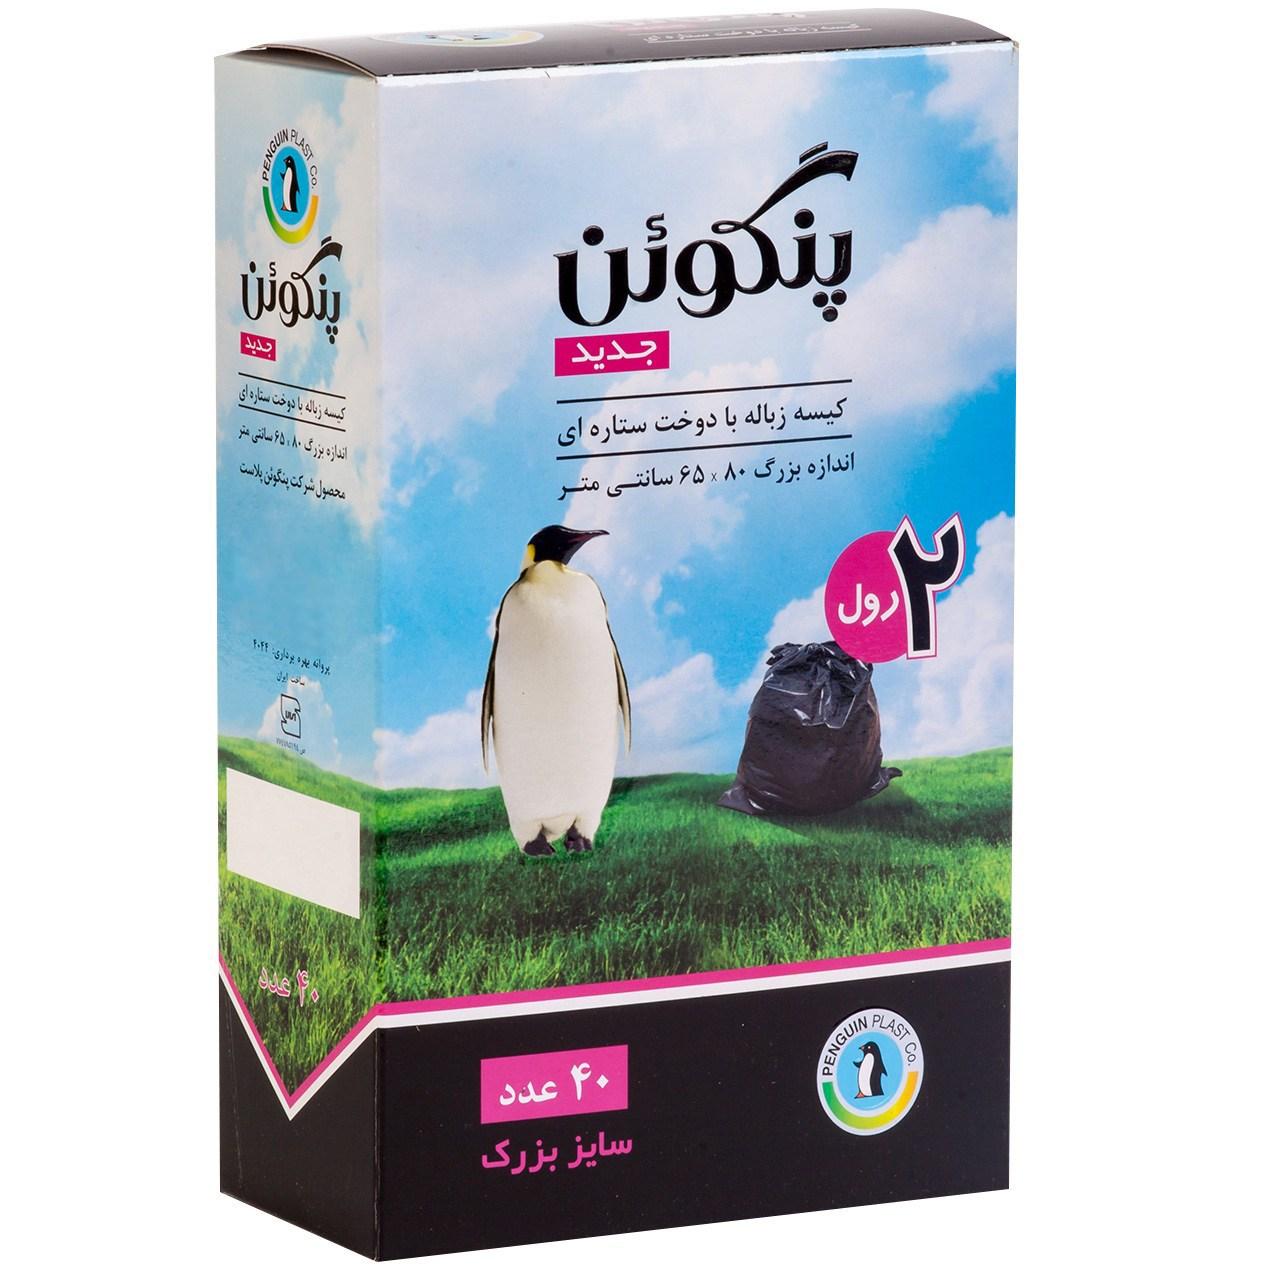 عکس کیسه زباله پنگوئن رول 40 عددی